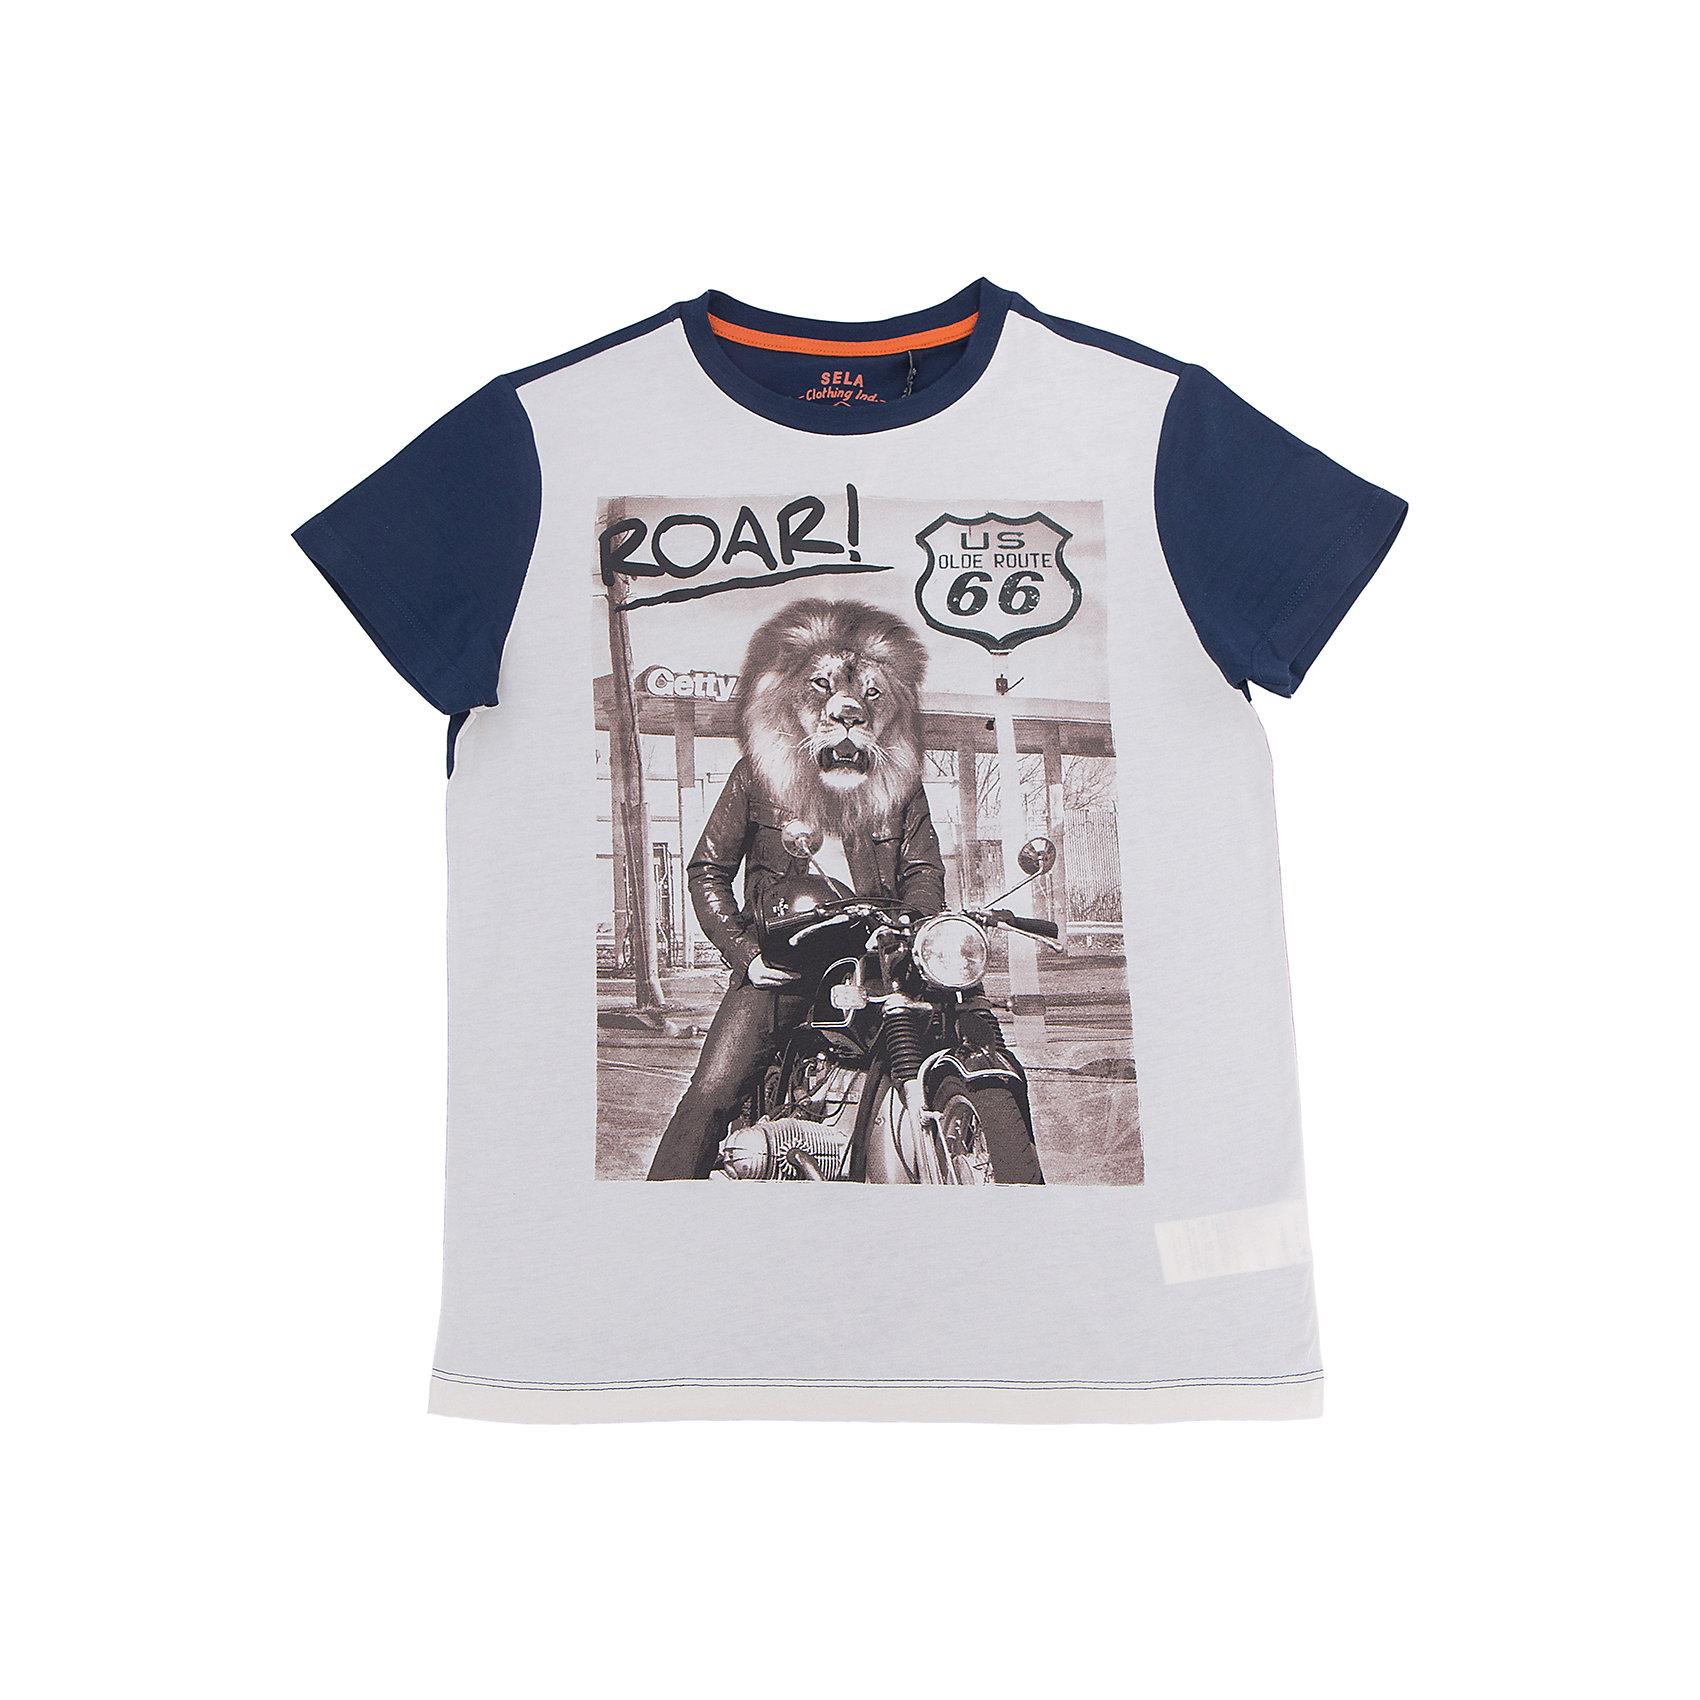 Футболка для мальчика SELAФутболки, поло и топы<br>Характеристики товара:<br><br>• цвет: серый<br>• состав: 100% хлопок<br>• принт<br>• короткие рукава<br>• округлый горловой вырез<br>• страна бренда: Российская Федерация<br><br>В новой коллекции SELA отличные модели одежды! Эта футболка для мальчика поможет разнообразить гардероб ребенка и обеспечить комфорт.Удобная базовая вещь!<br><br>Футболку для мальчика от популярного бренда SELA (СЕЛА) можно купить в нашем интернет-магазине.<br><br>Ширина мм: 230<br>Глубина мм: 40<br>Высота мм: 220<br>Вес г: 250<br>Цвет: серый<br>Возраст от месяцев: 60<br>Возраст до месяцев: 72<br>Пол: Мужской<br>Возраст: Детский<br>Размер: 116,152,146,134,140,128,122<br>SKU: 5304041